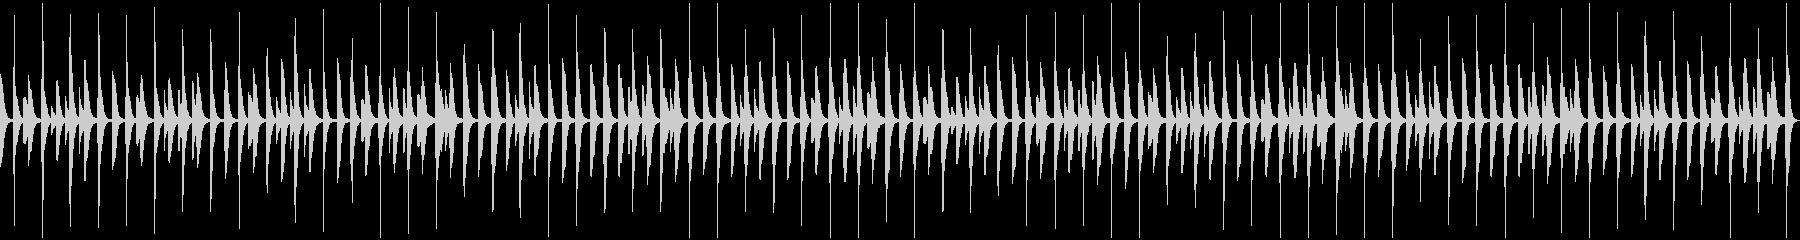 かわいい雰囲気のBGMの未再生の波形